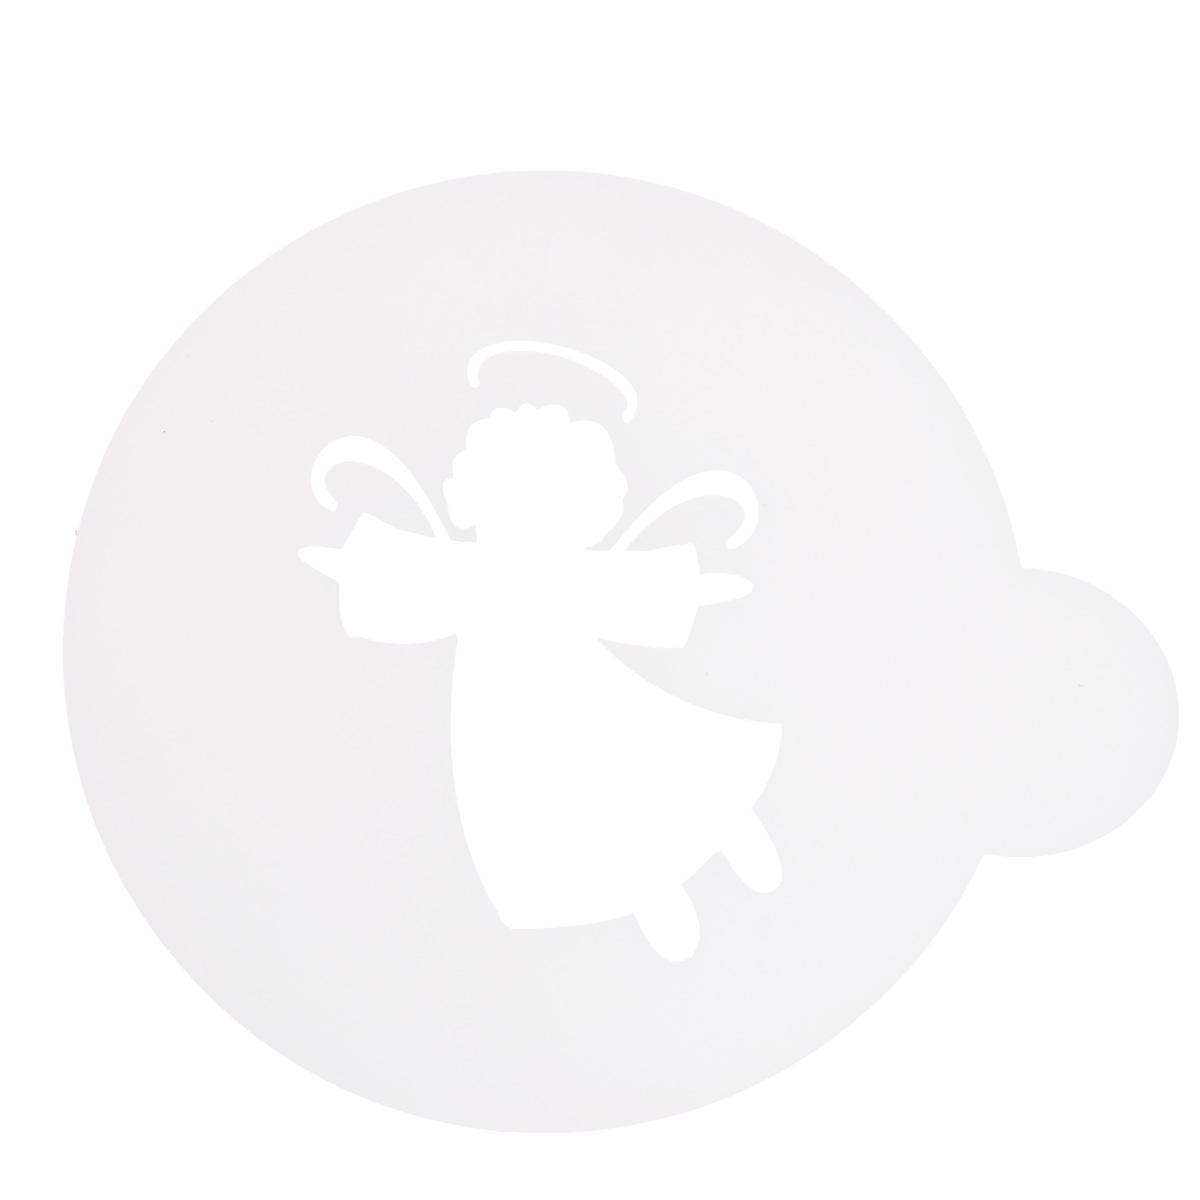 Трафарет на кофе и десерты Леденцовая фабрика Ангел, диаметр 10 см54 009312Трафарет представляет собой пластину с прорезями, через которые пищевая краска (сахарная пудра, какао, шоколад, сливки, корица, дробленый орех) наносится на поверхность кофе, молочных коктейлей, десертов. Трафарет изготовлен из матового пищевого пластика 250 мкм и пригоден для контакта с пищевыми продуктами. Трафарет многоразовый. Побалуйте себя и ваших близких красиво оформленным кофе.